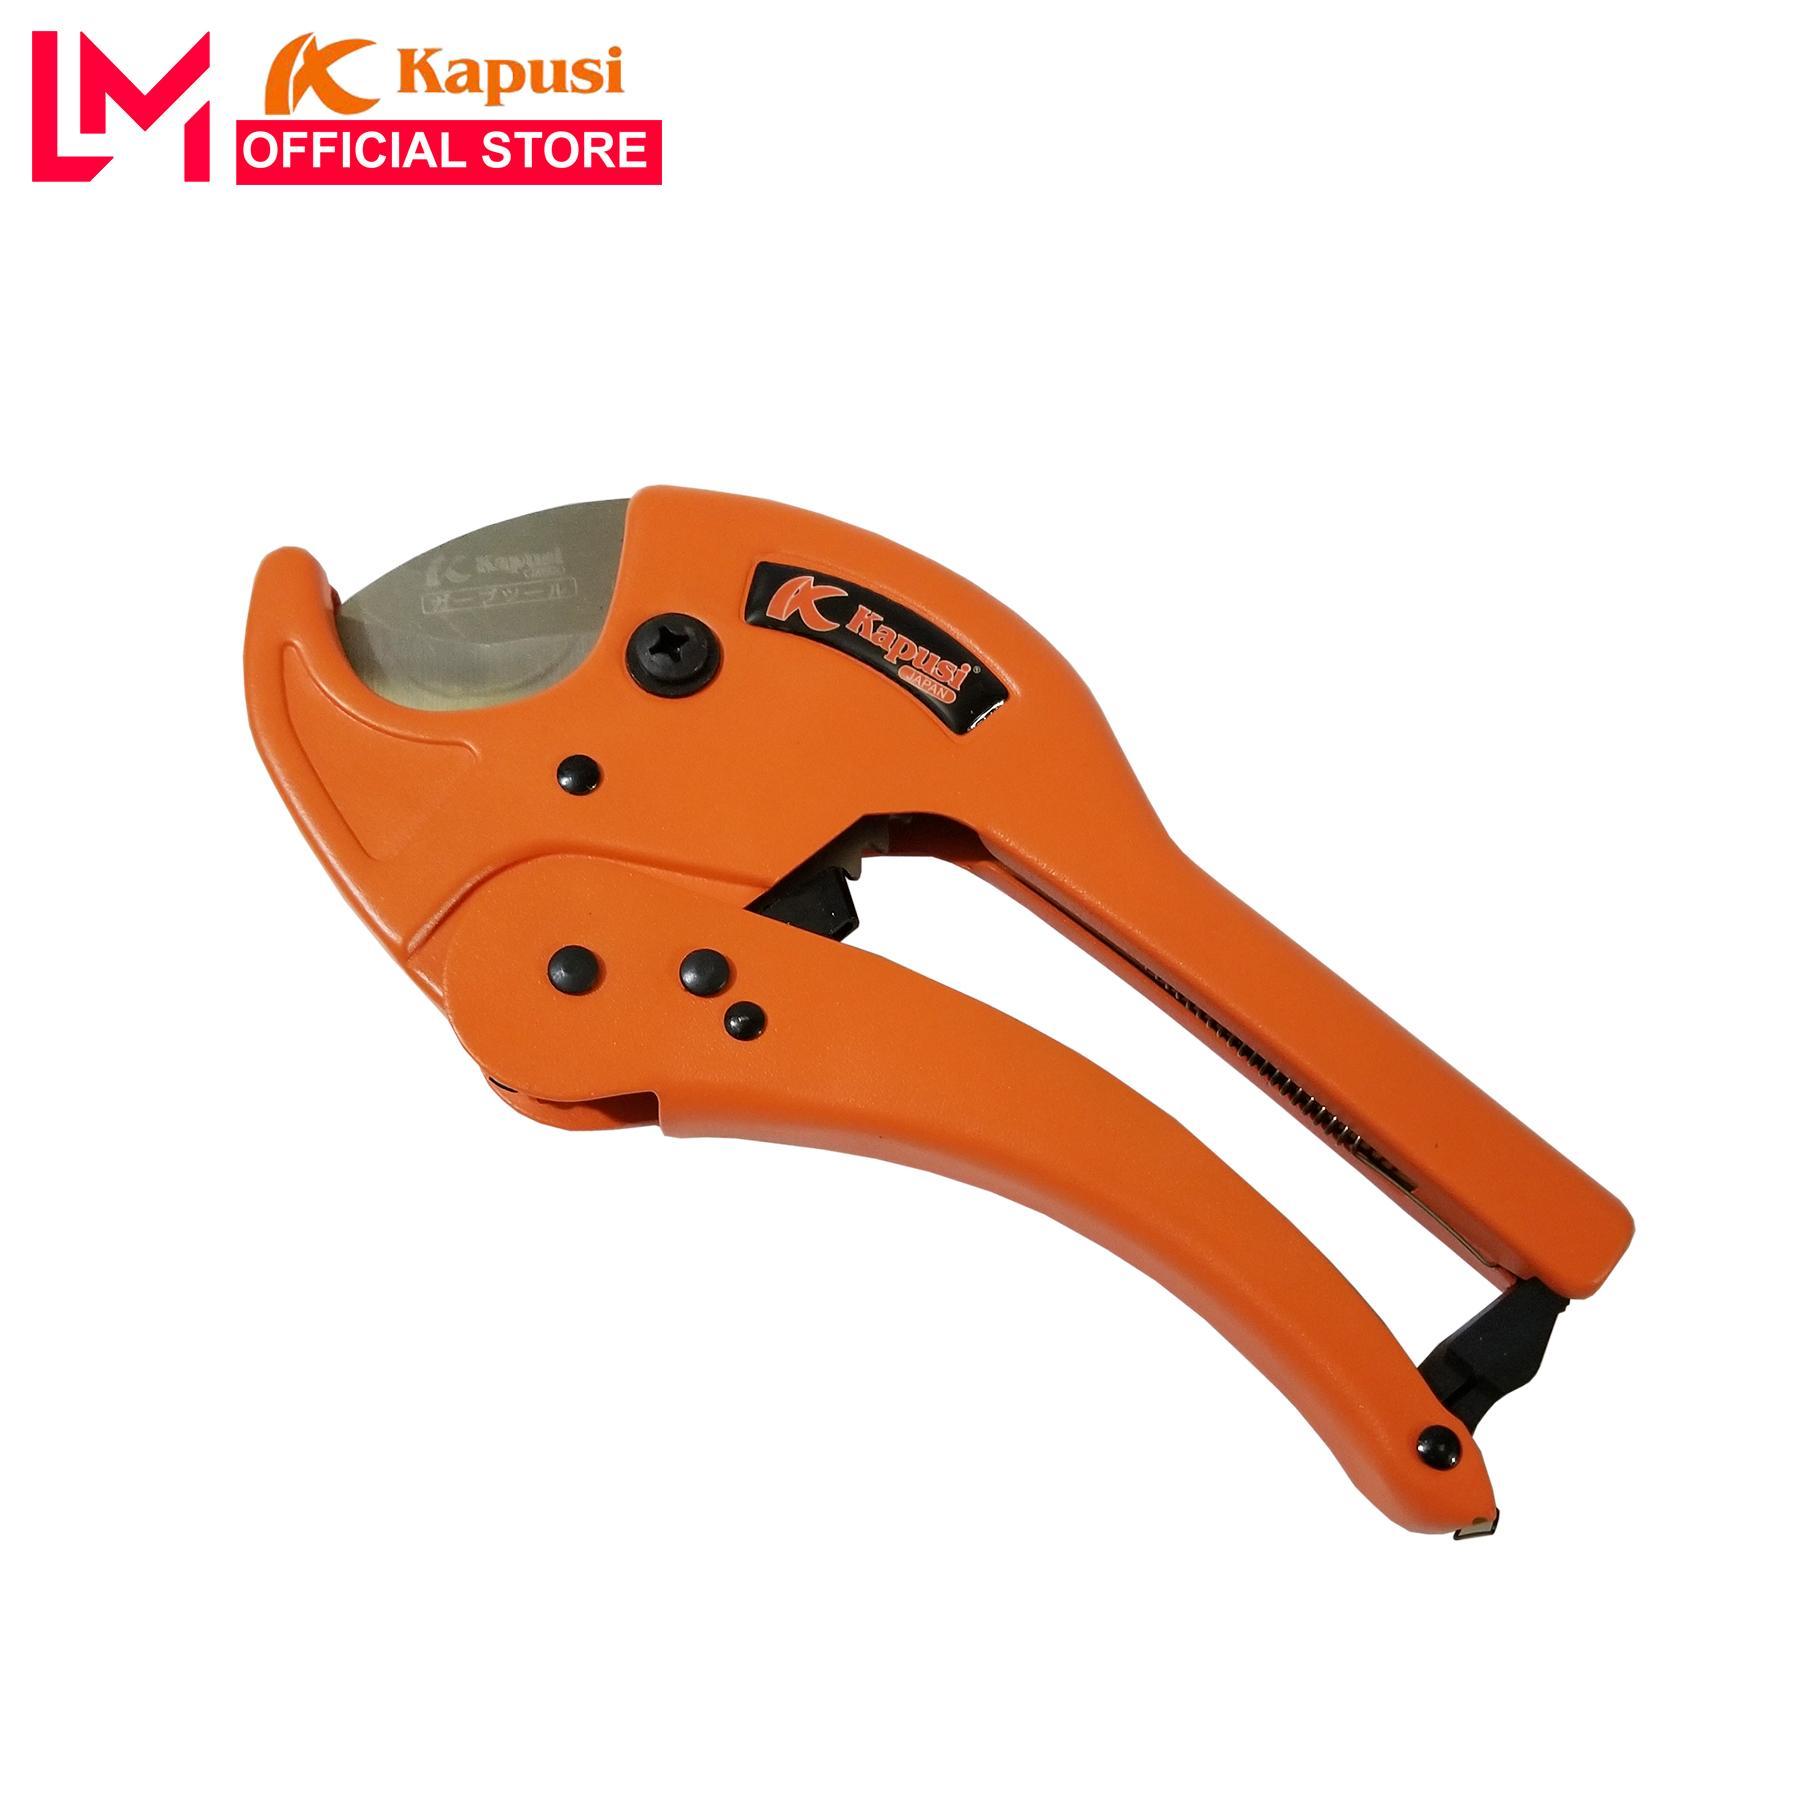 Kéo cắt ống PVC Kapusi 42- Bảo Hành 6 tháng